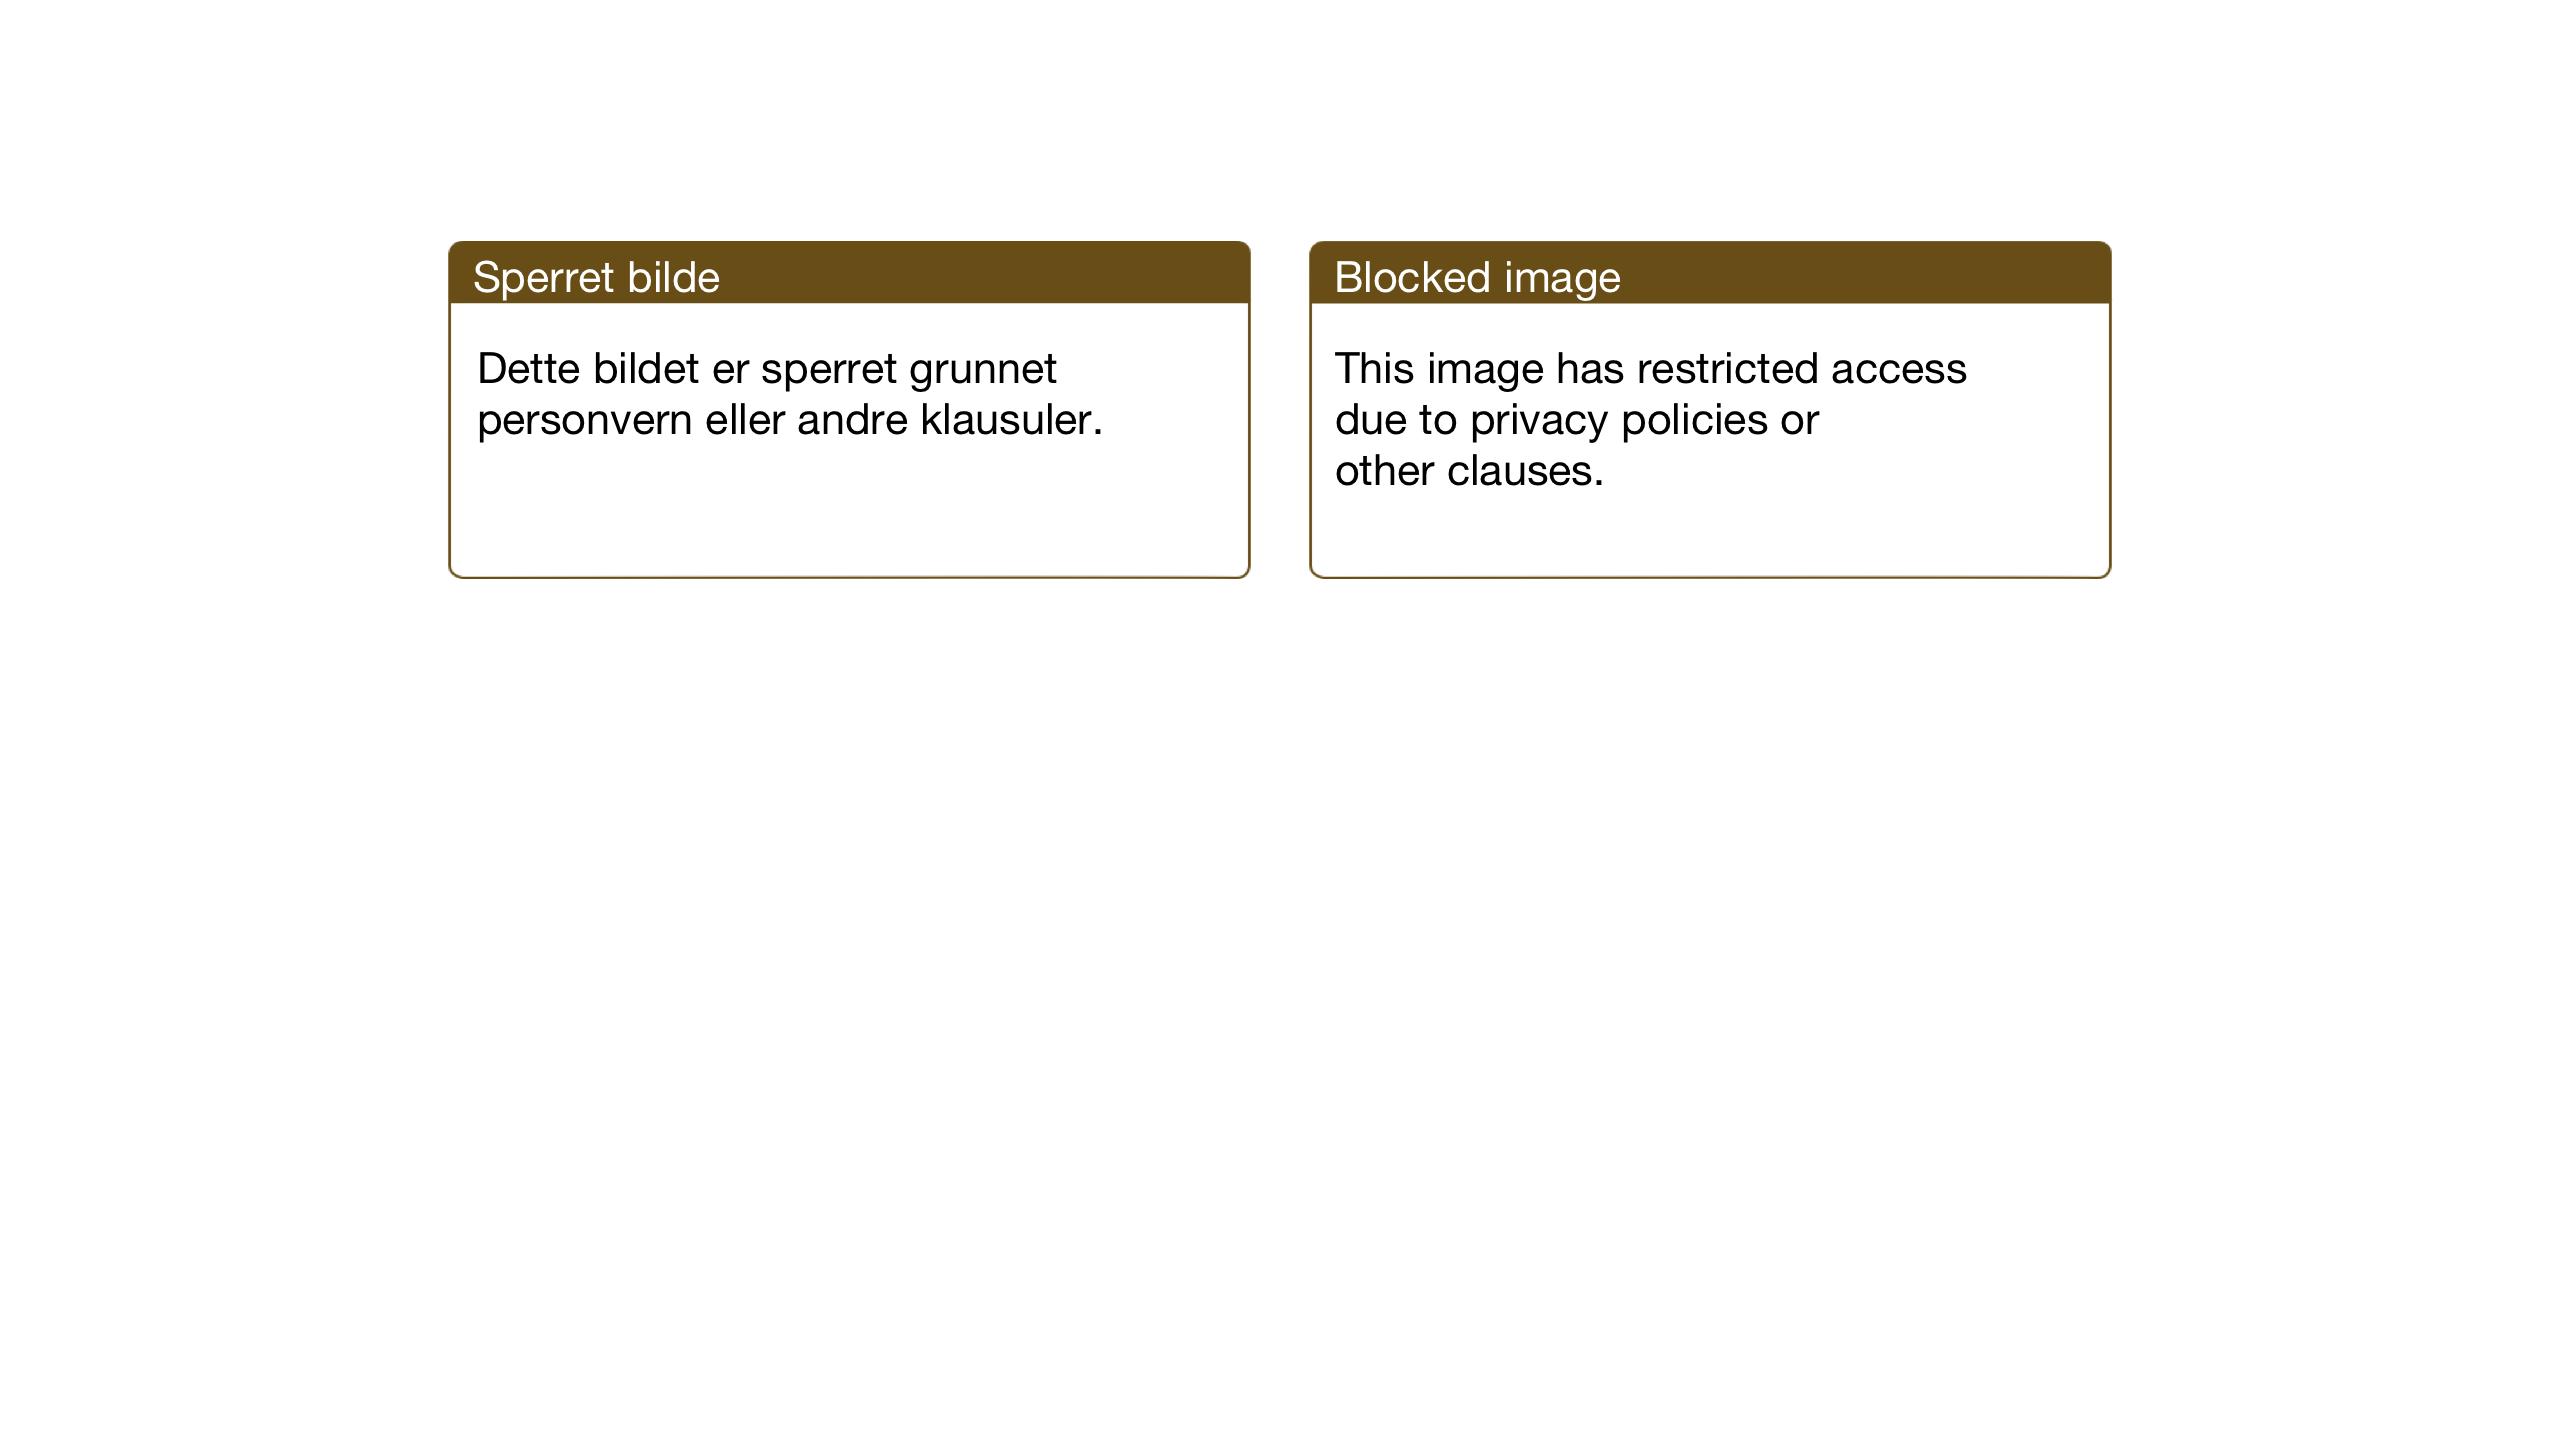 SAT, Ministerialprotokoller, klokkerbøker og fødselsregistre - Sør-Trøndelag, 688/L1030: Klokkerbok nr. 688C05, 1916-1939, s. 56